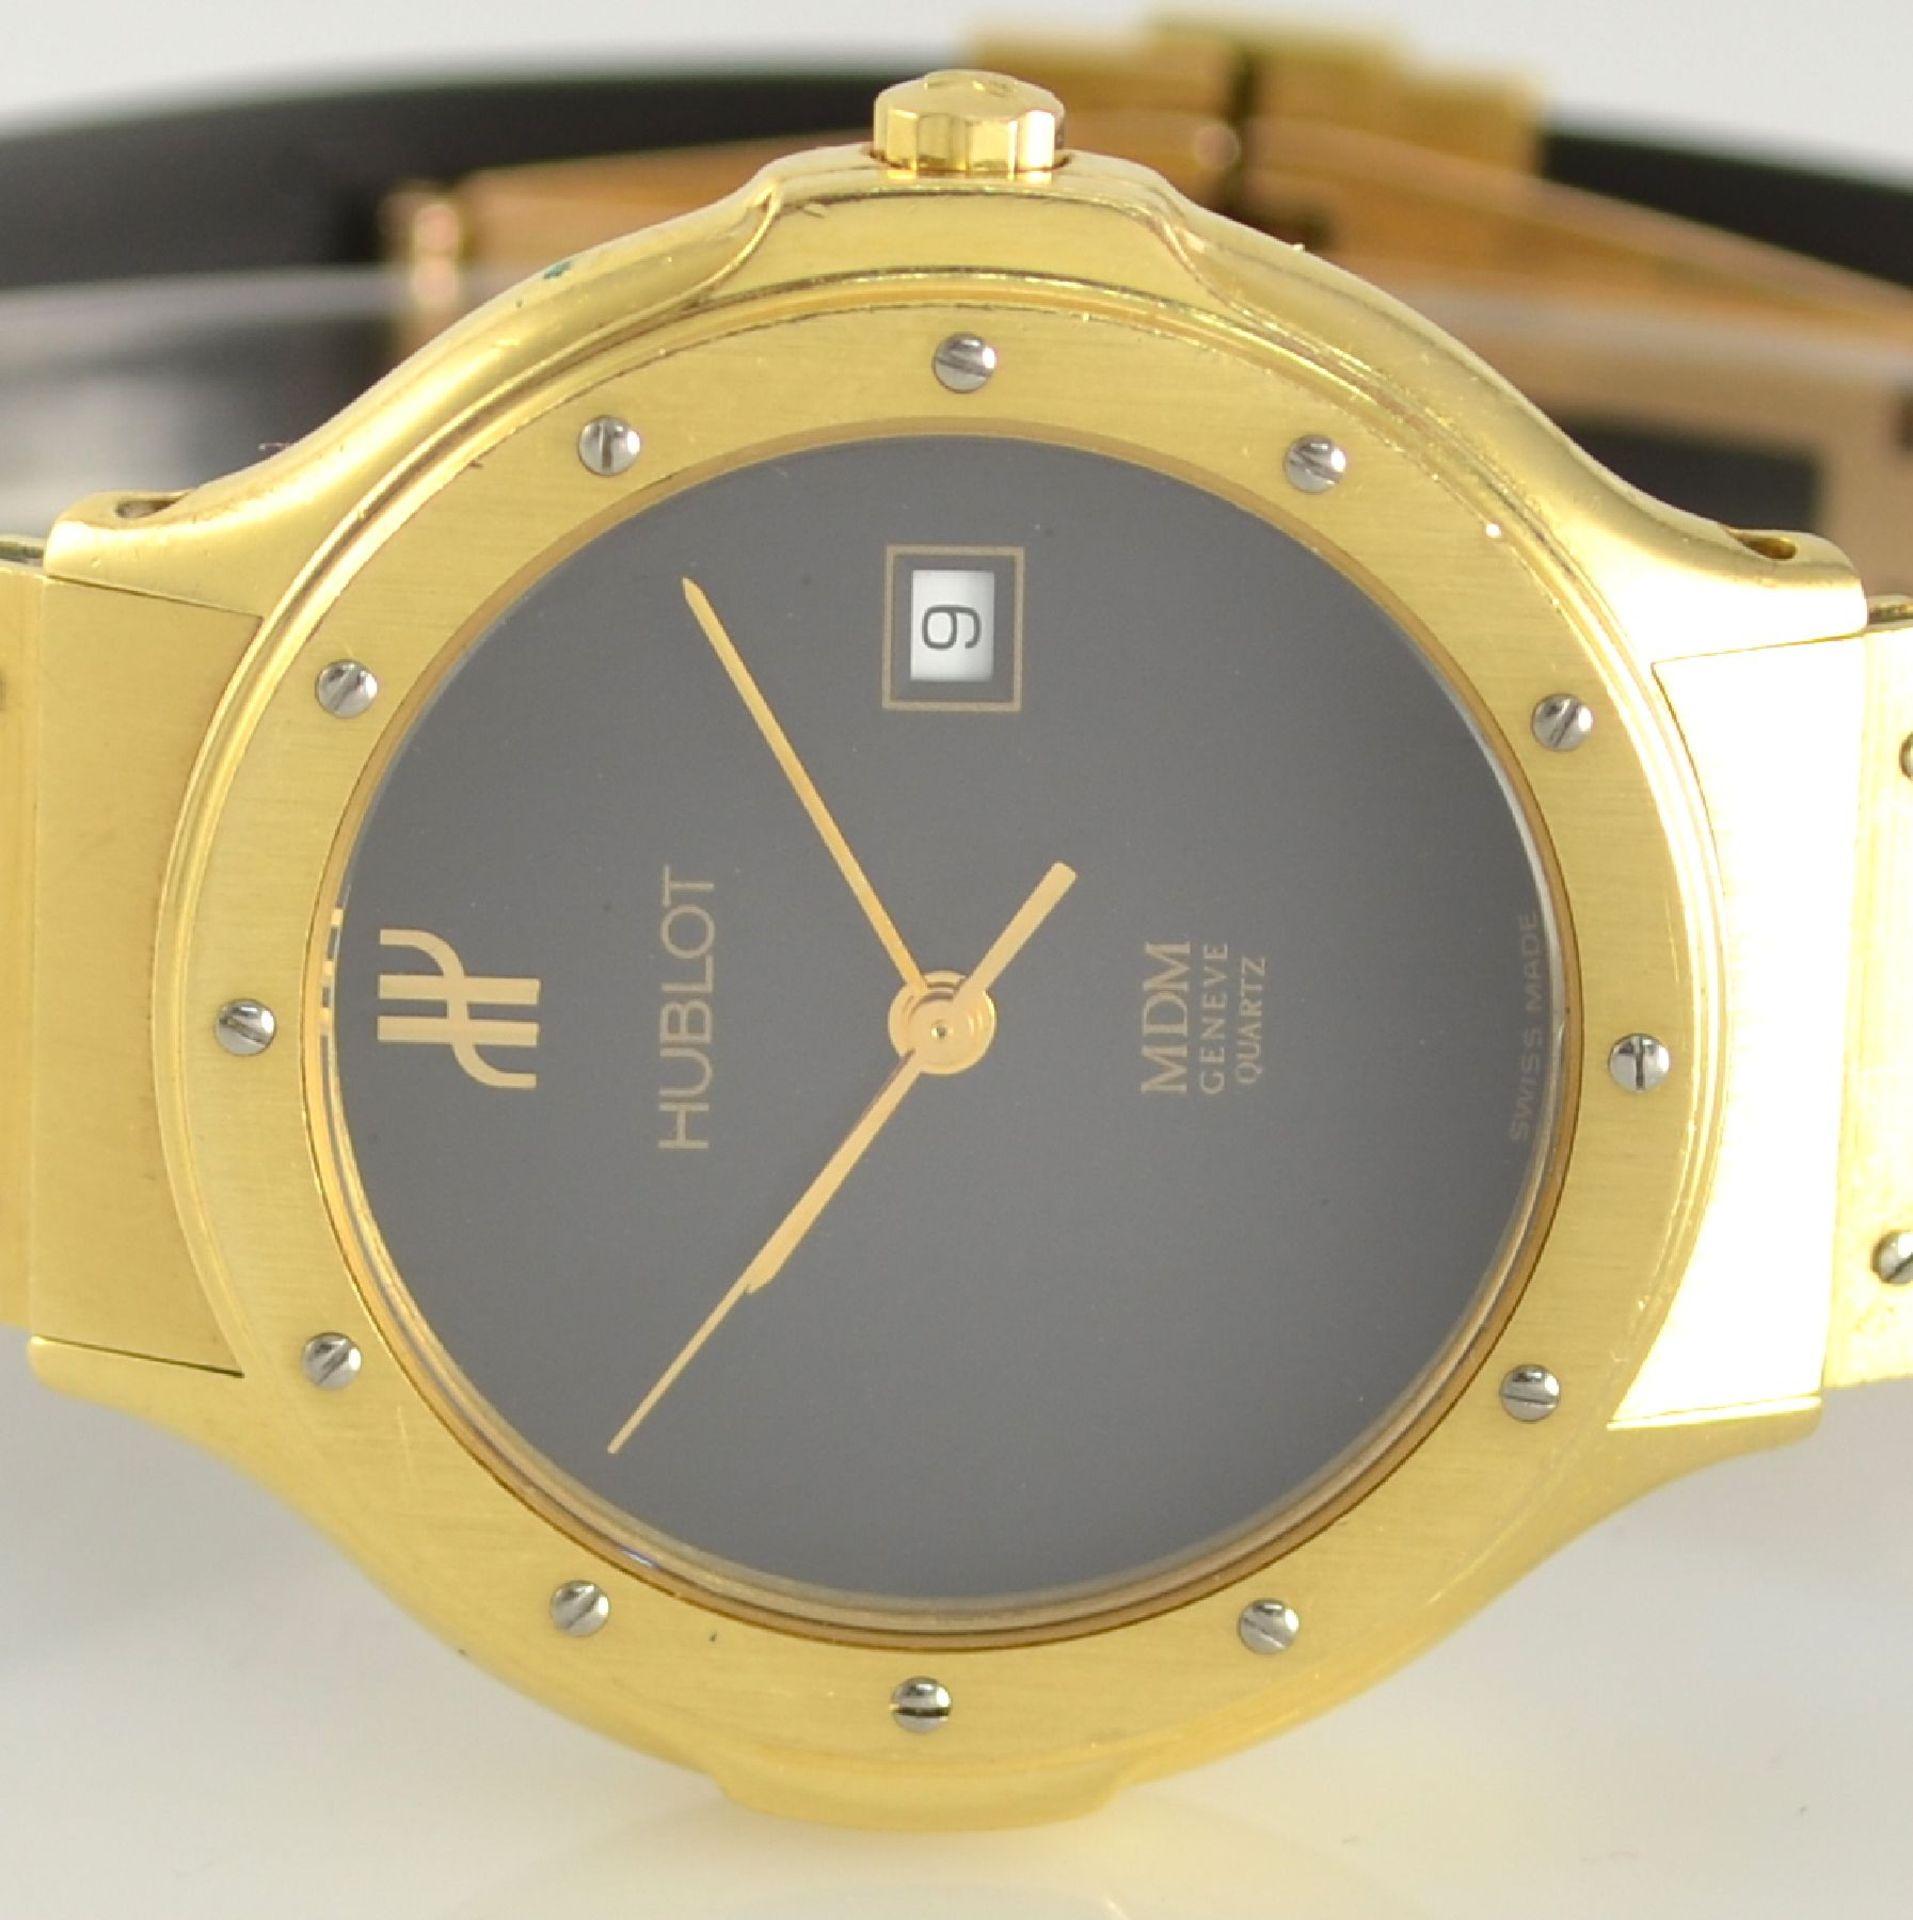 HUBLOT MDM Armbanduhr in GG 750/000, Schweiz um 1995, quarz, Ref. 140.10.3, massives Goldgeh., Boden - Bild 2 aus 7